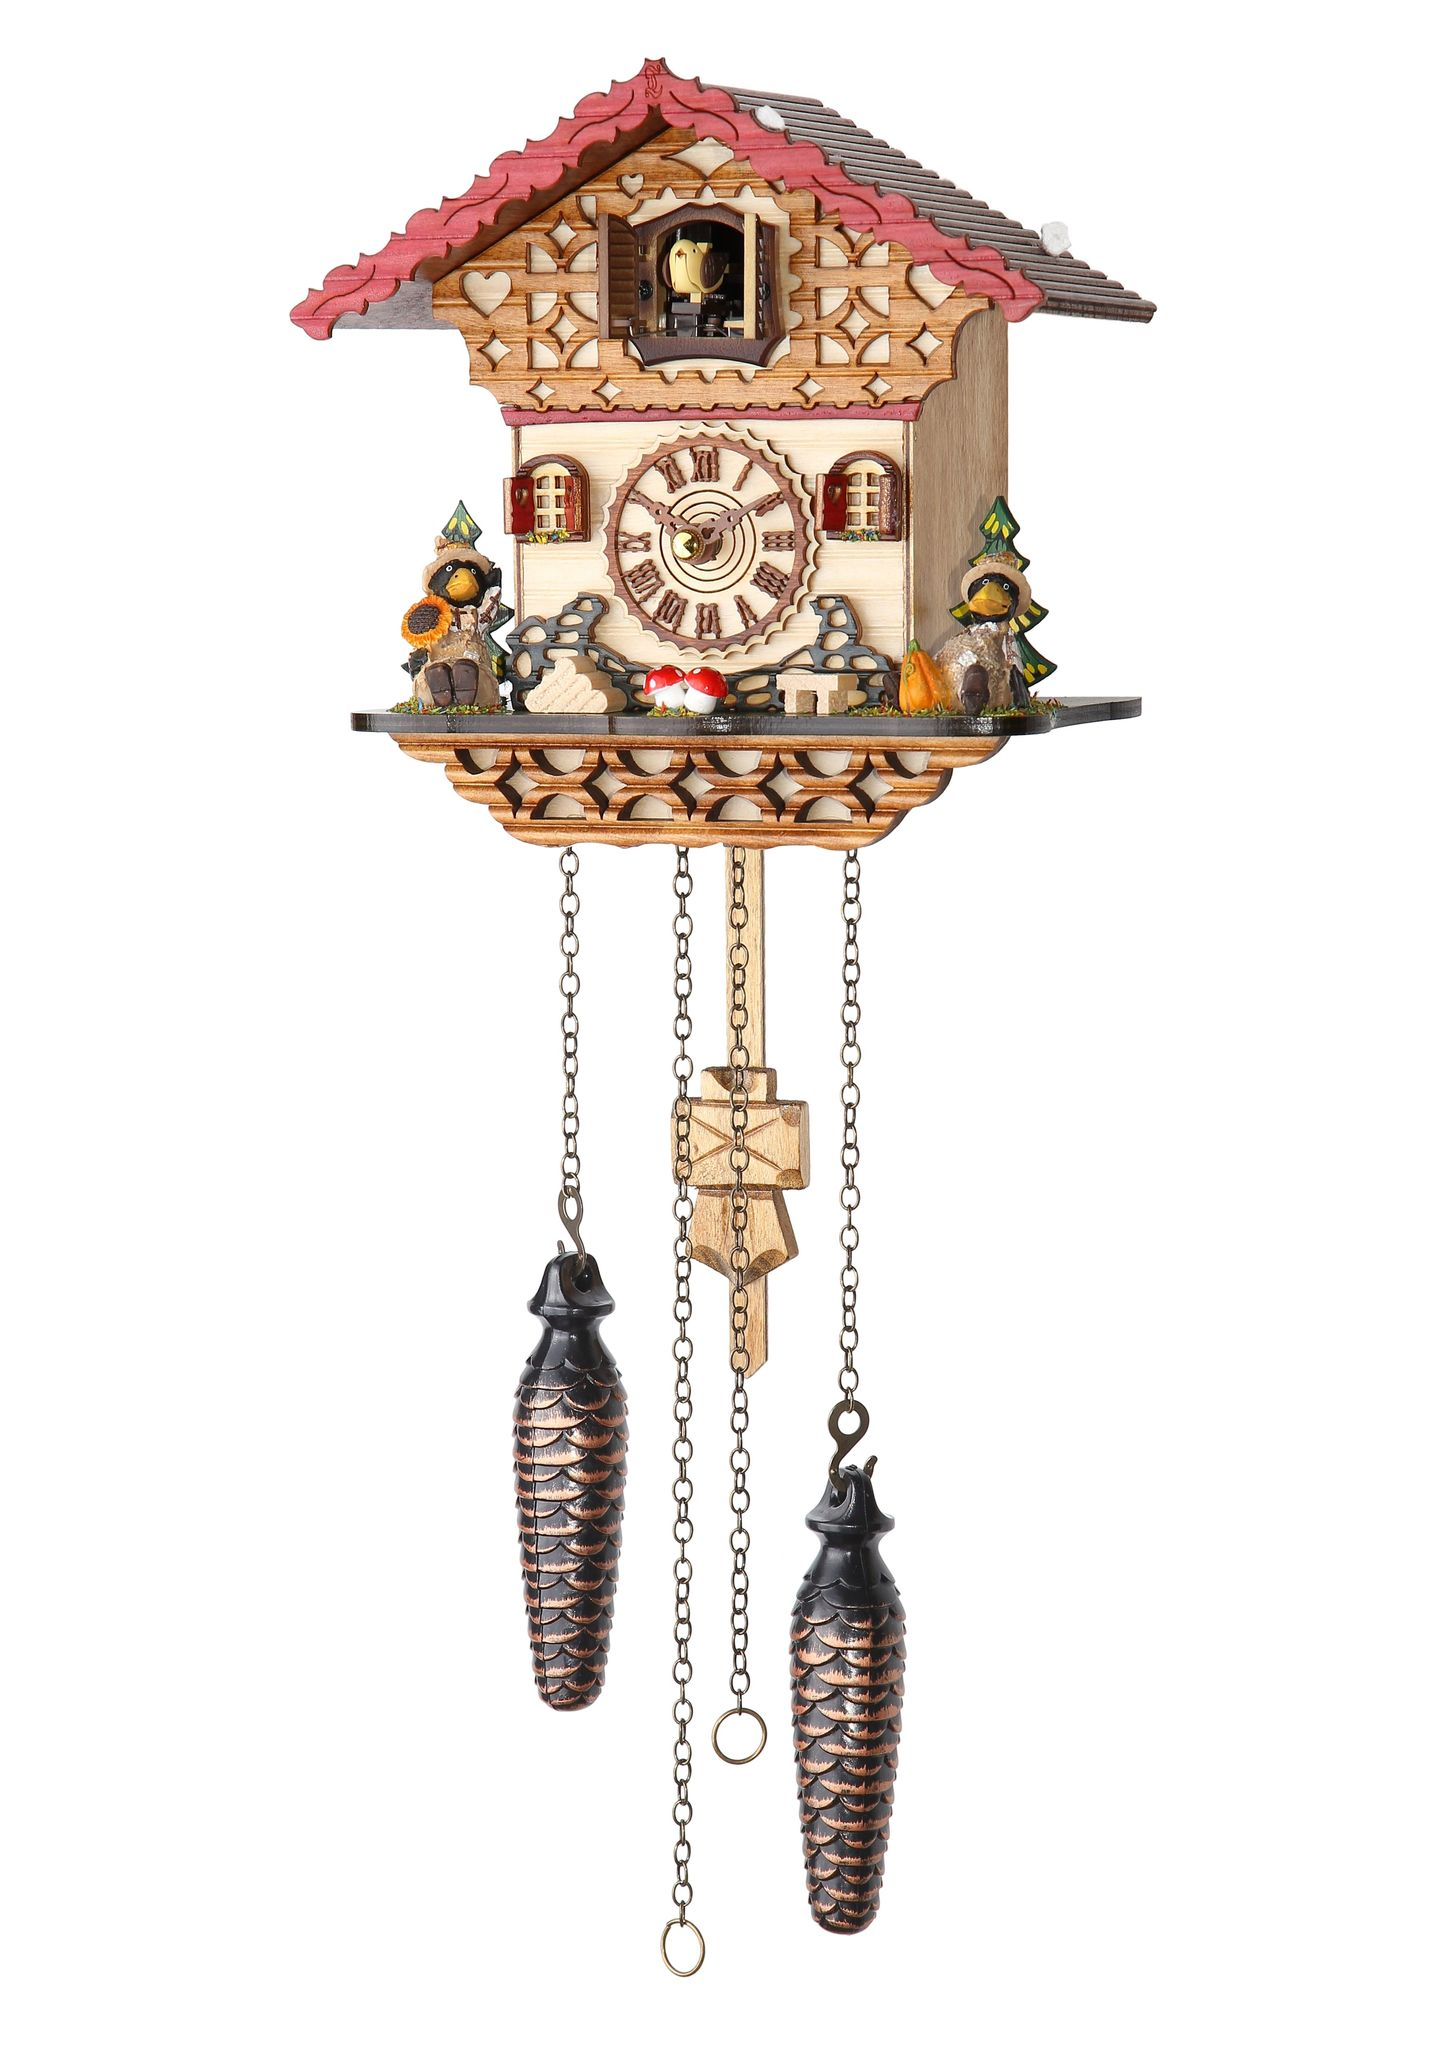 Часы настенные Часы настенные с кукушкой Trenkle 4232 QM chasy-nastennye-s-kukushkoy-trenkle-4232-qm-germaniya.jpg